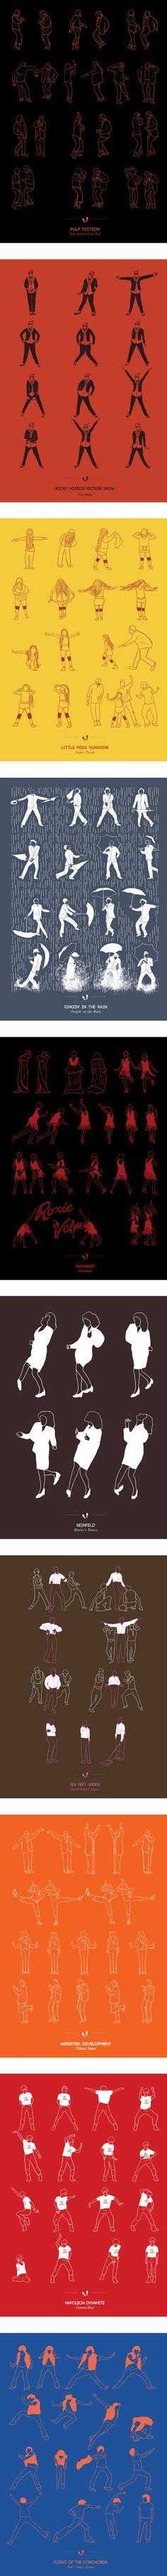 Niege Borges Alves, movie dancing lessons